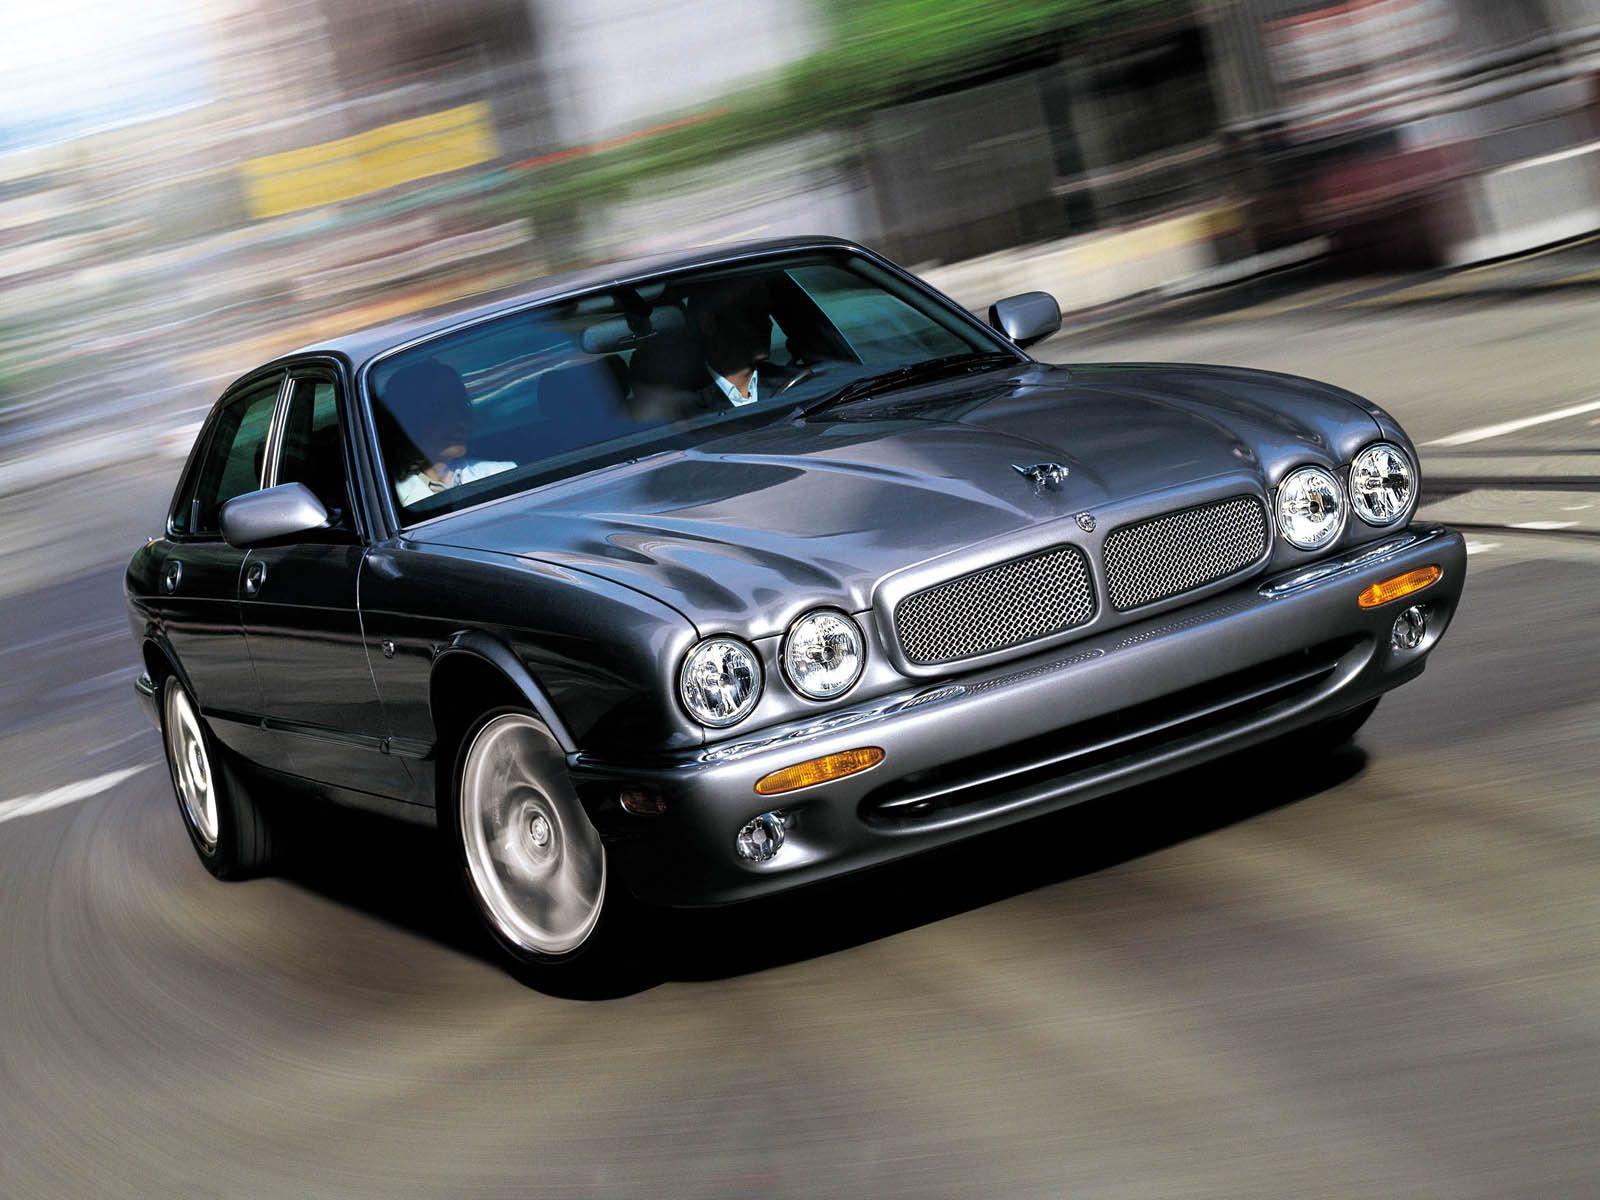 WatchCarOnline: Jaguar Xj